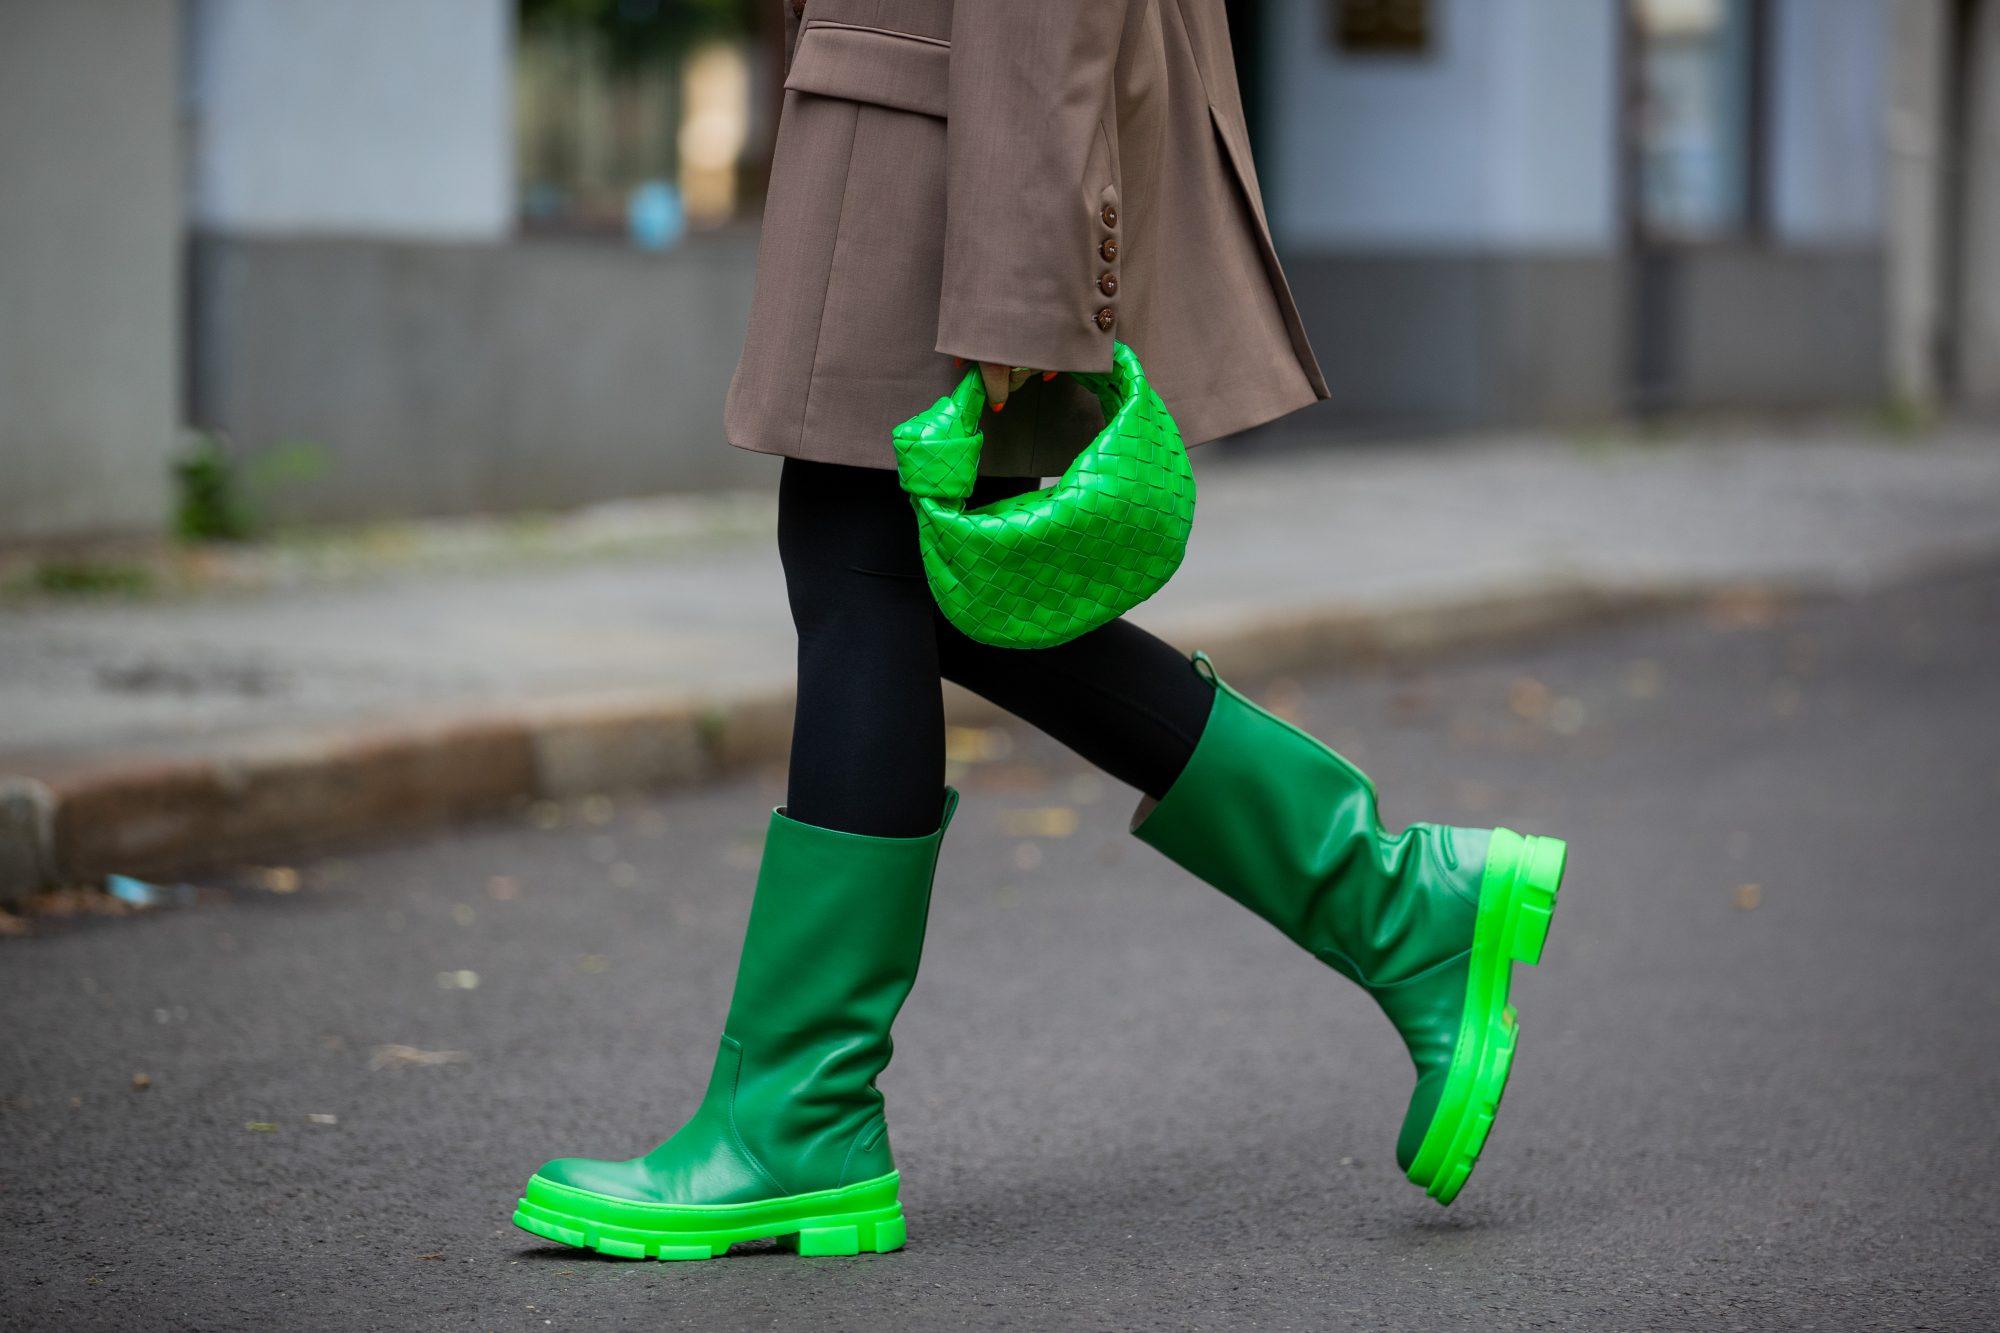 Τα μοναδικά παπούτσια που χρειάζεσαι τώρα είναι οι γαλότσες! 8 looks για να τις συνδυάσεις σούπερ Καιρός να προσθέσεις τις γαλότσες σου στις καθημερινές σου εμφανίσεις, γιατί ο καιρός δεν αστειεύεται.